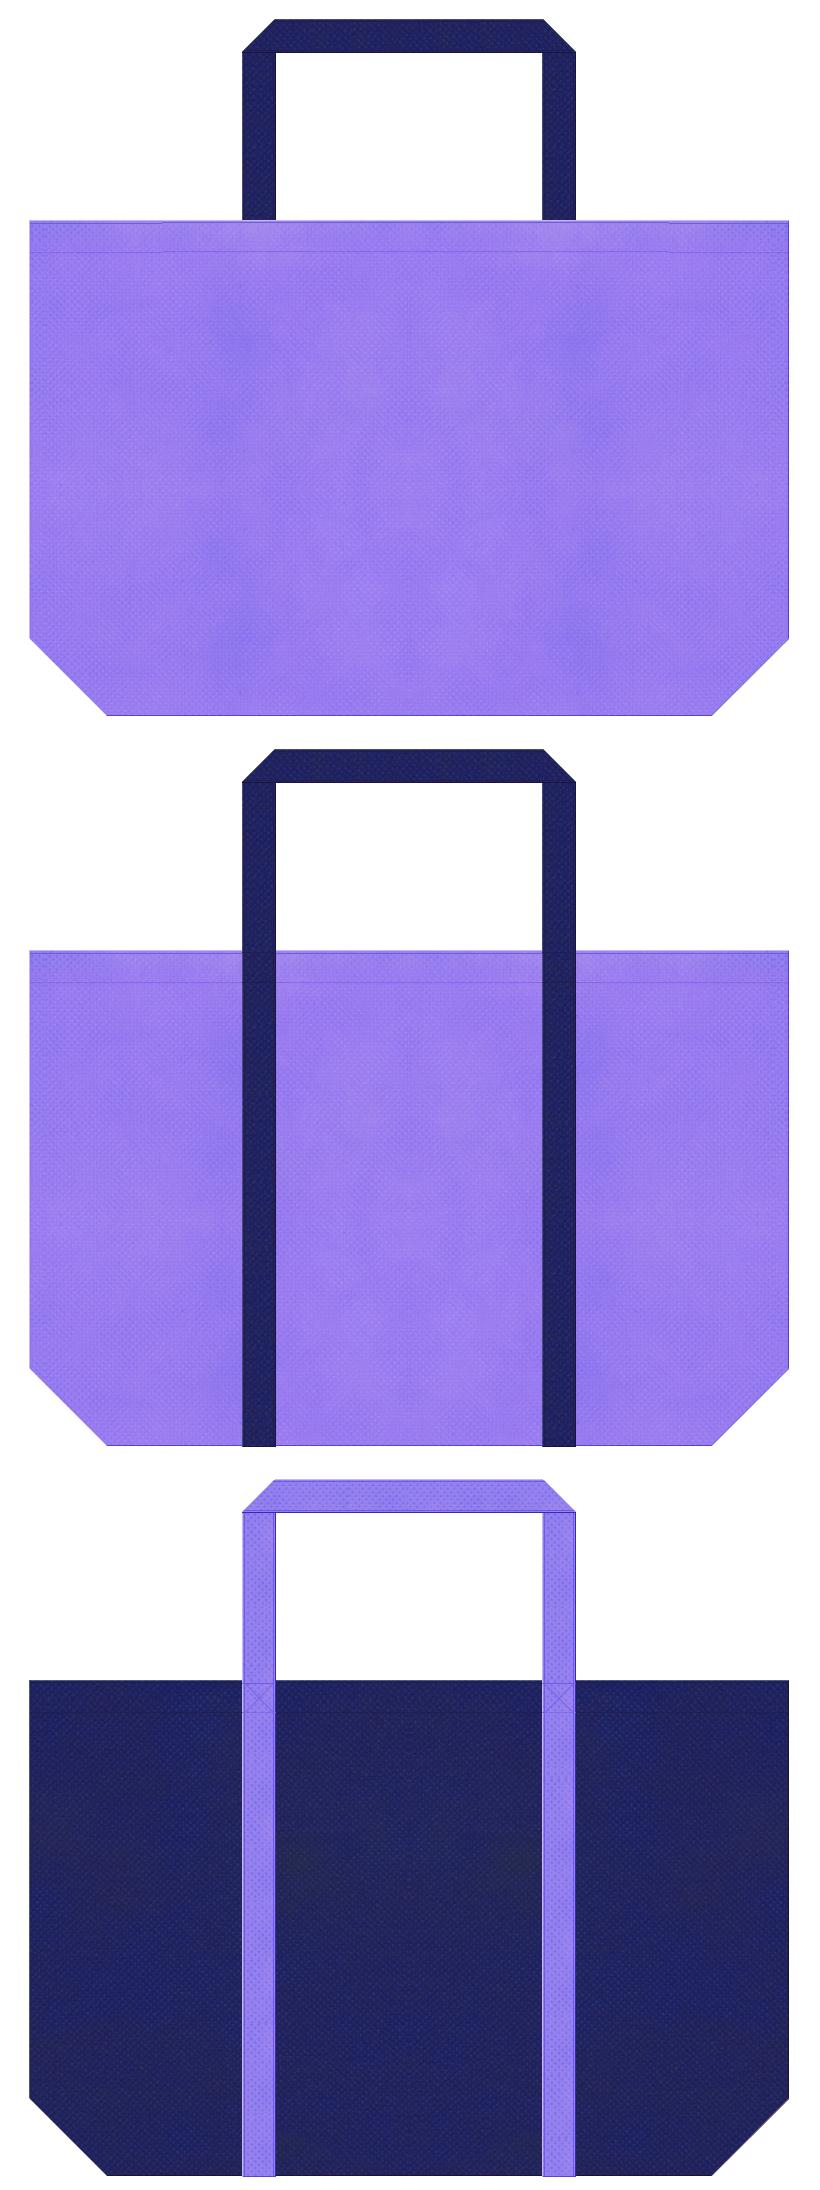 不織布ショッピングバッグ:薄紫色と明るい紺色のデザイン